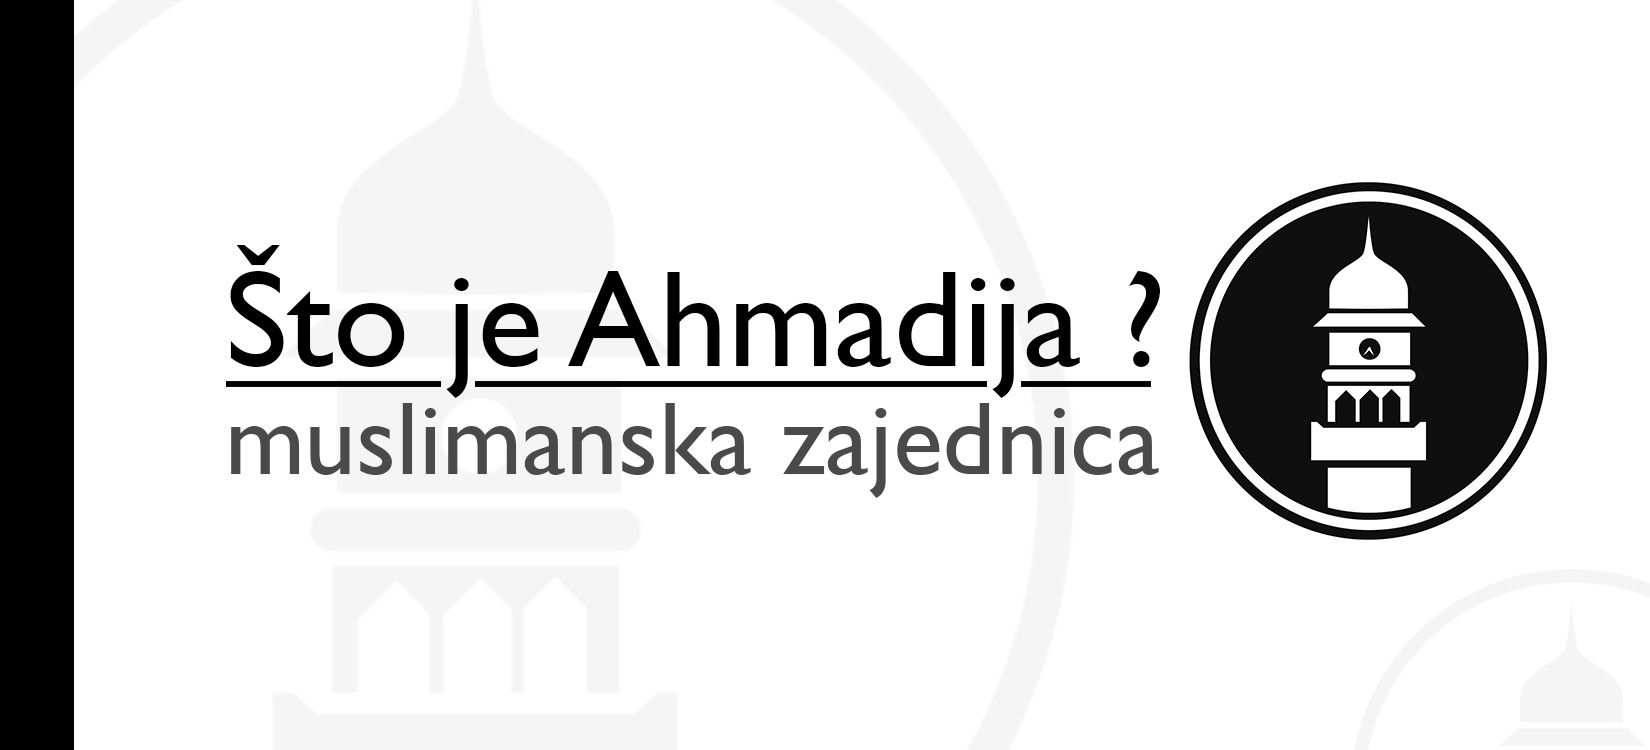 Što je Ahmadija